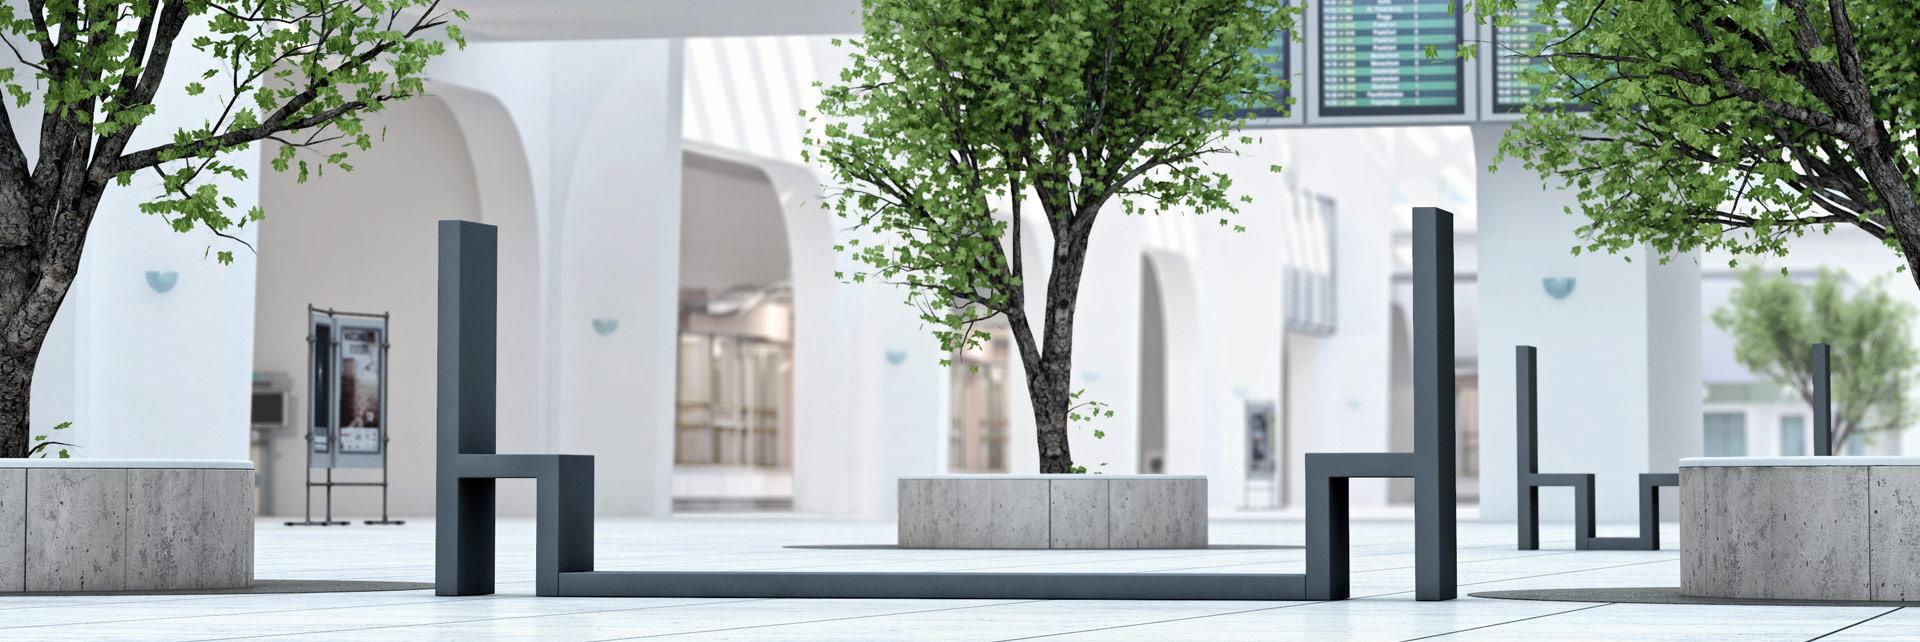 Meble Due - nowoczesne meble miejskie i dla galerii